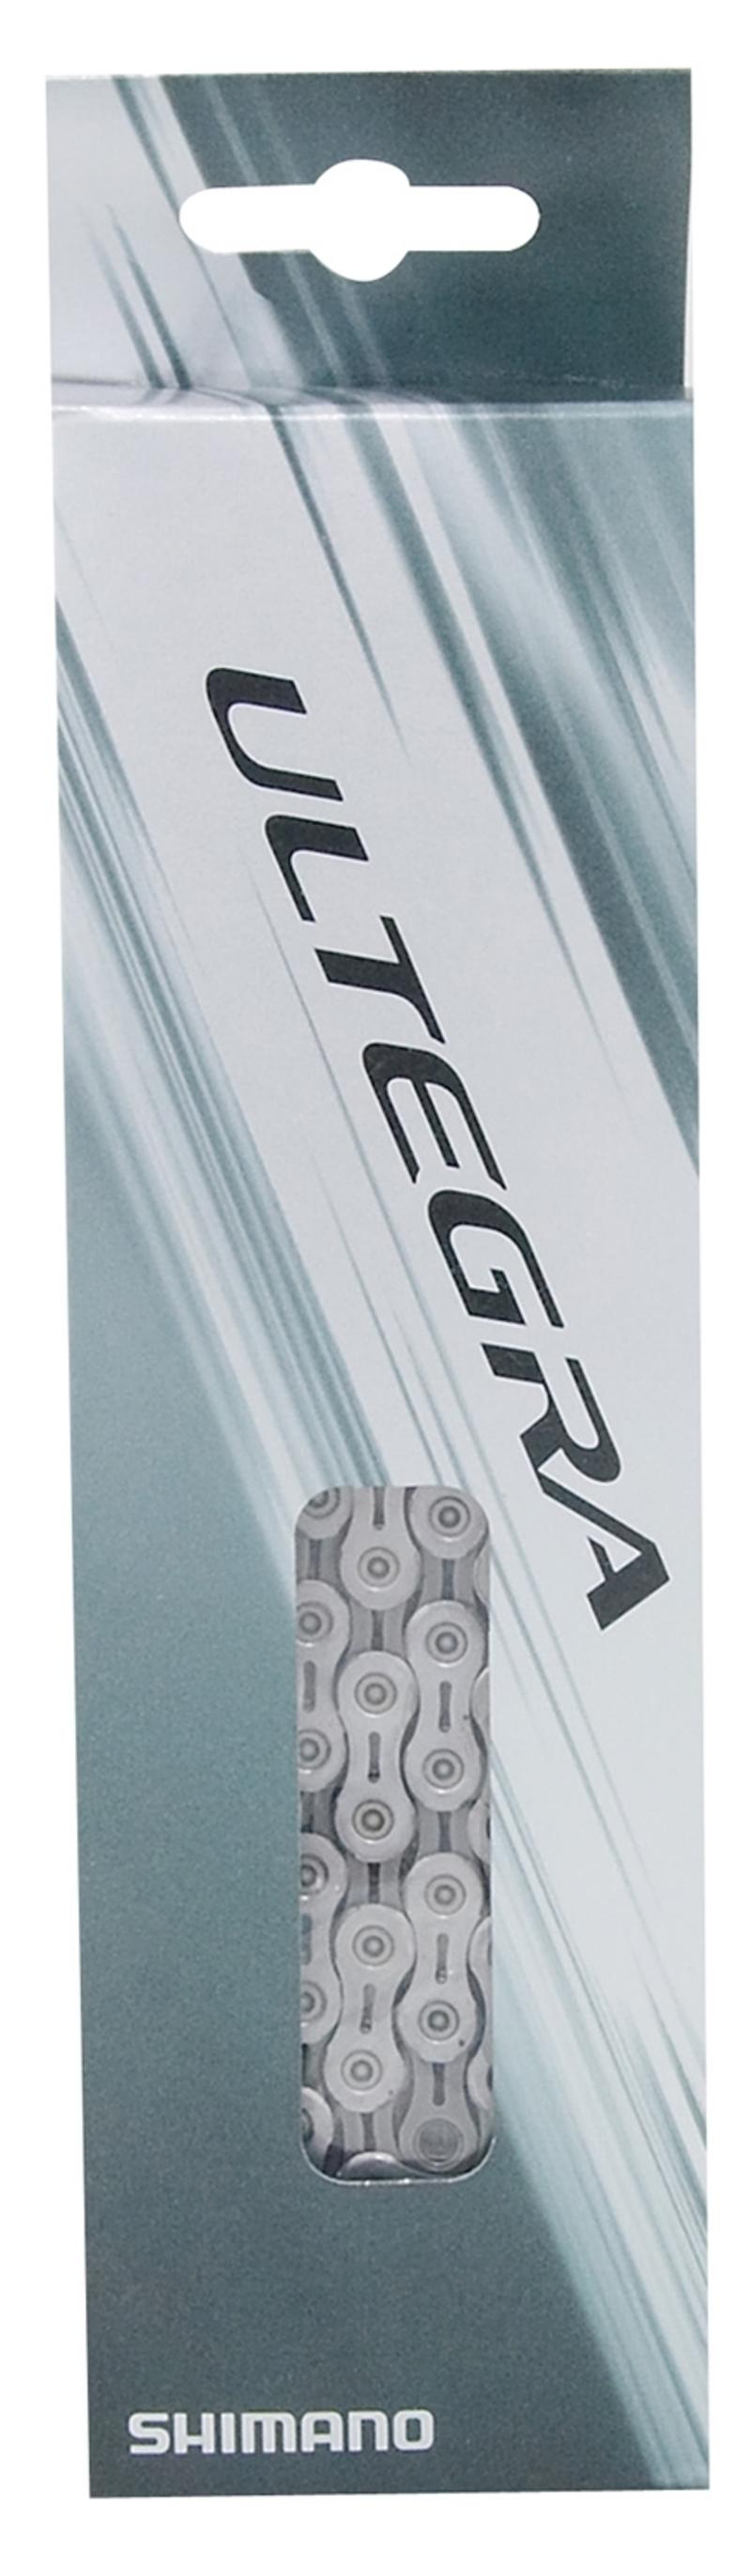 Shimano řetěz ULTEGRA CN-6701